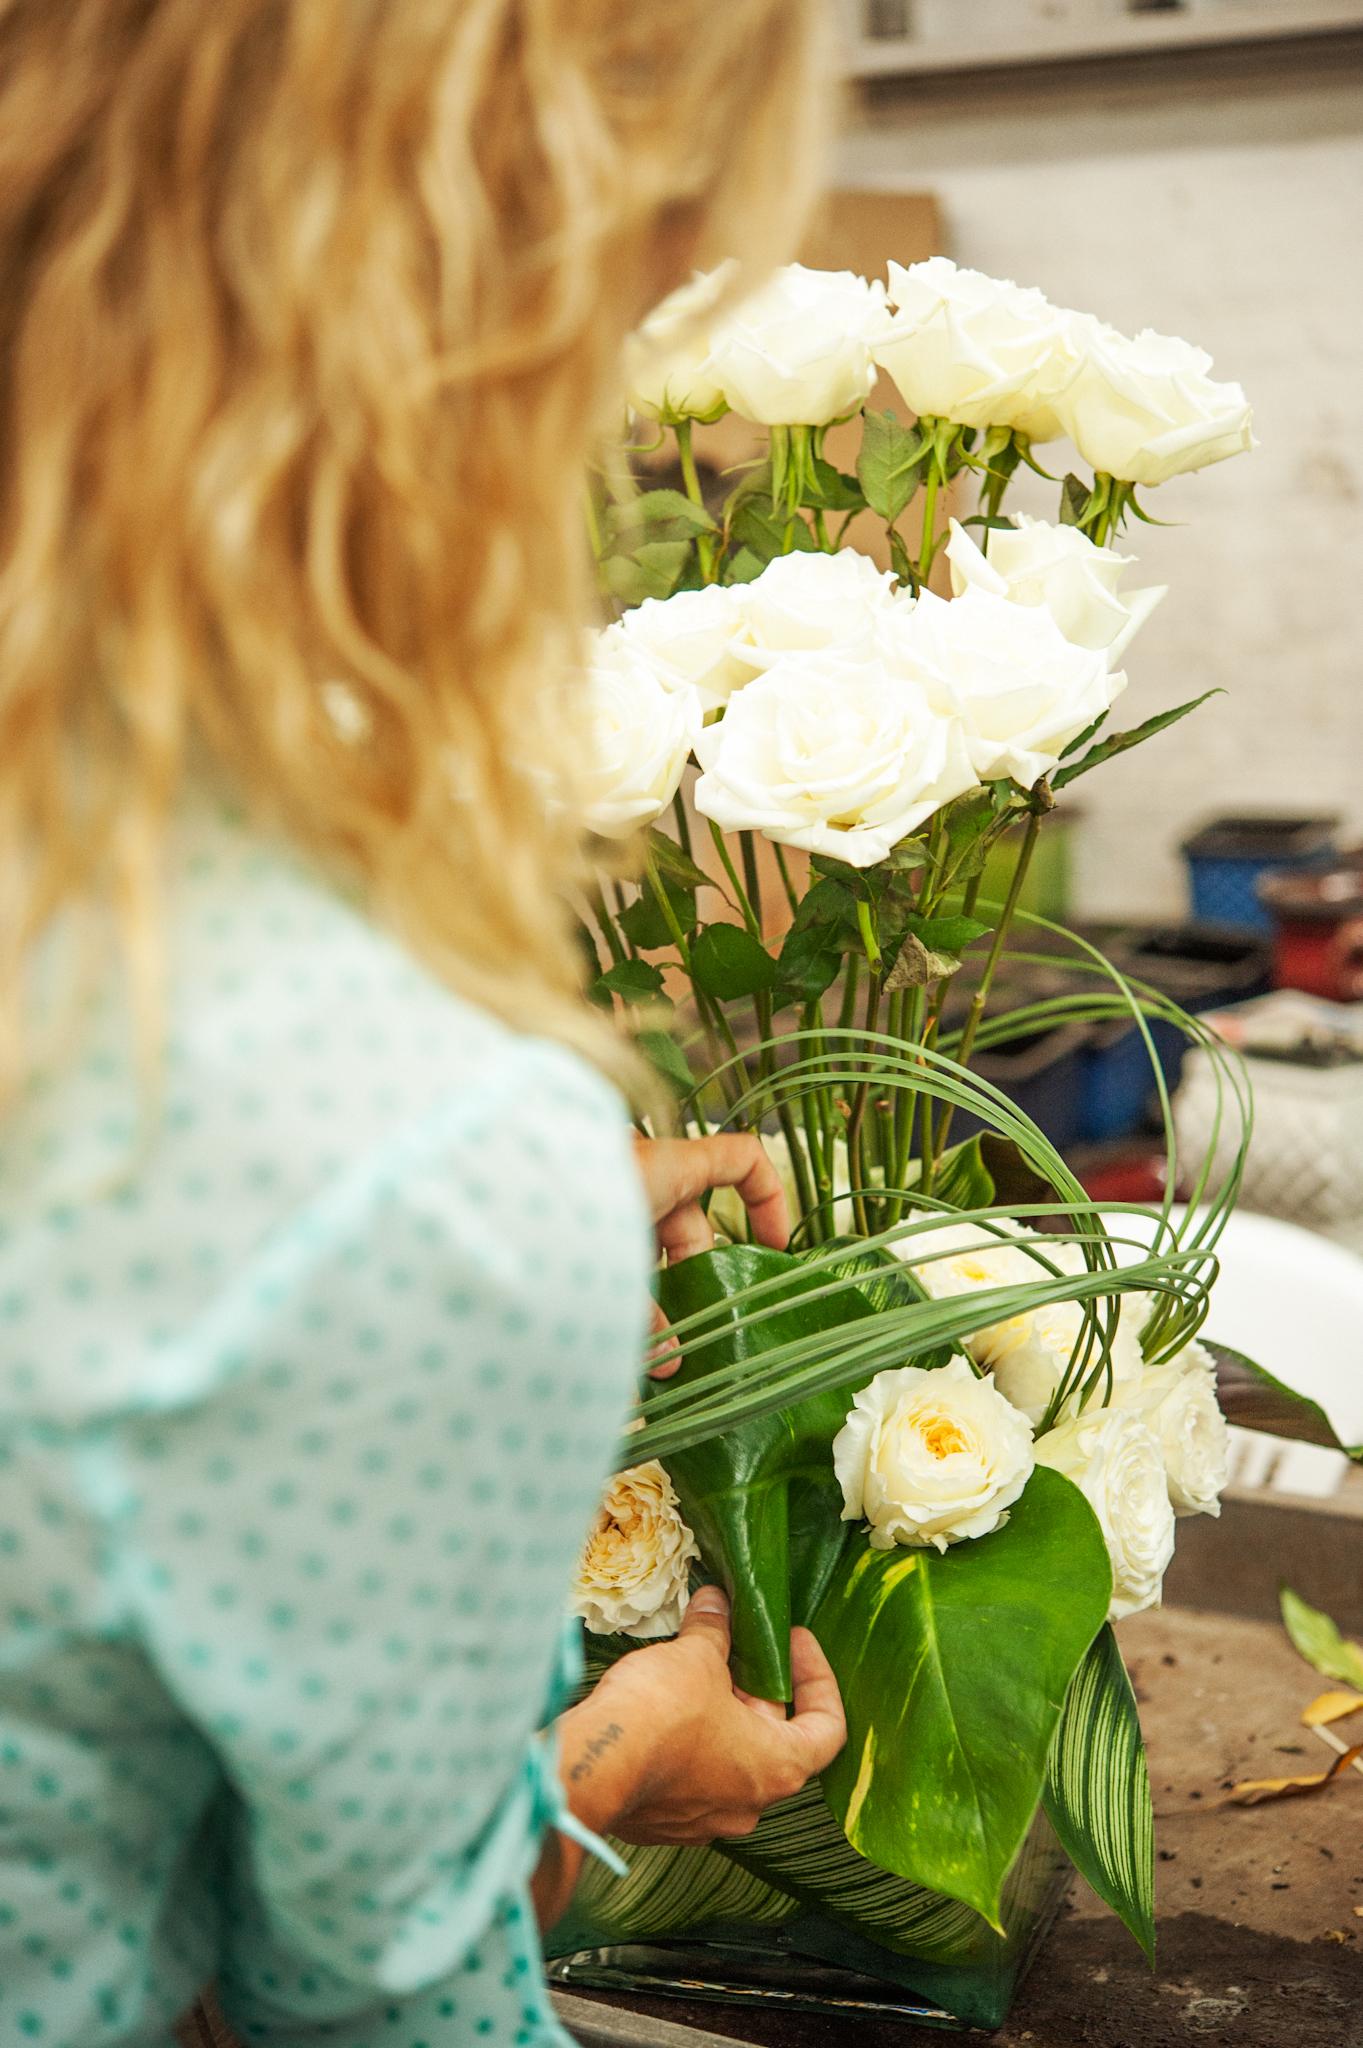 lwb_flowermarket_45_web.jpg